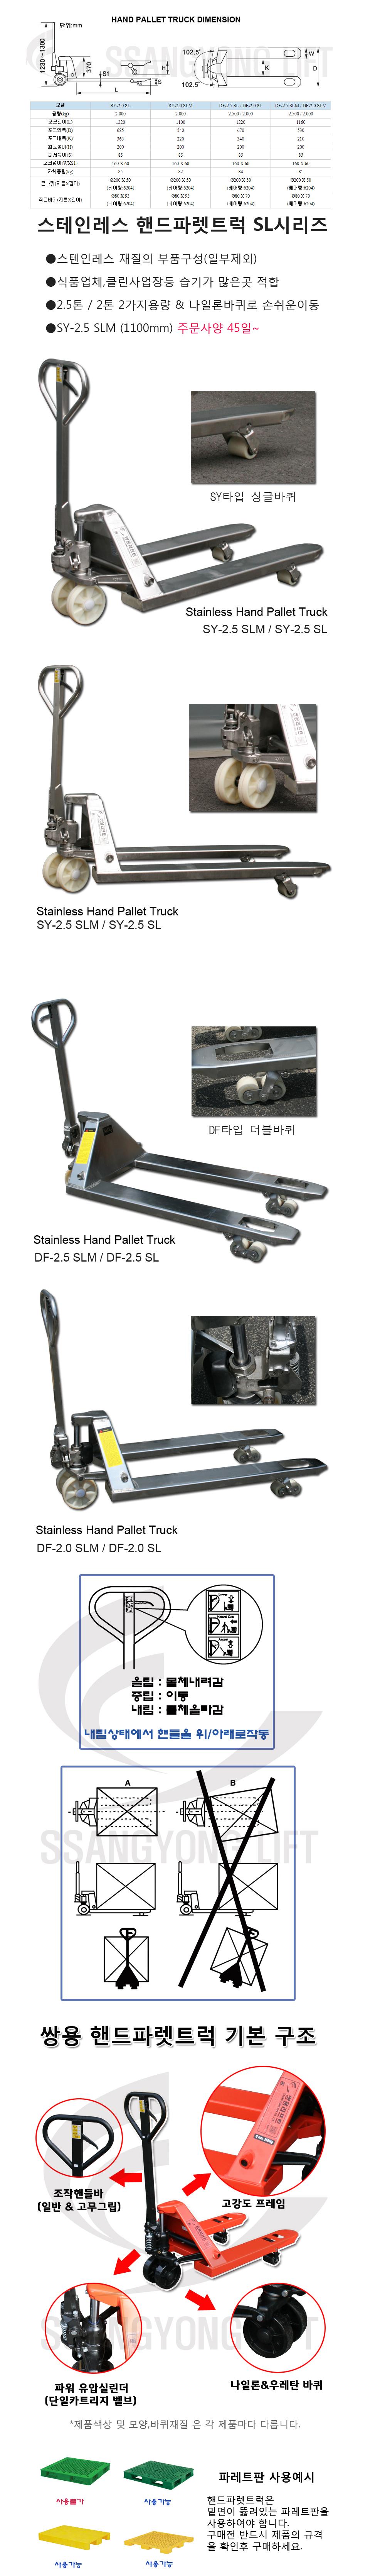 (주)쌍용리프트 스테인레스 핸드파렛트럭 SY / DF Series